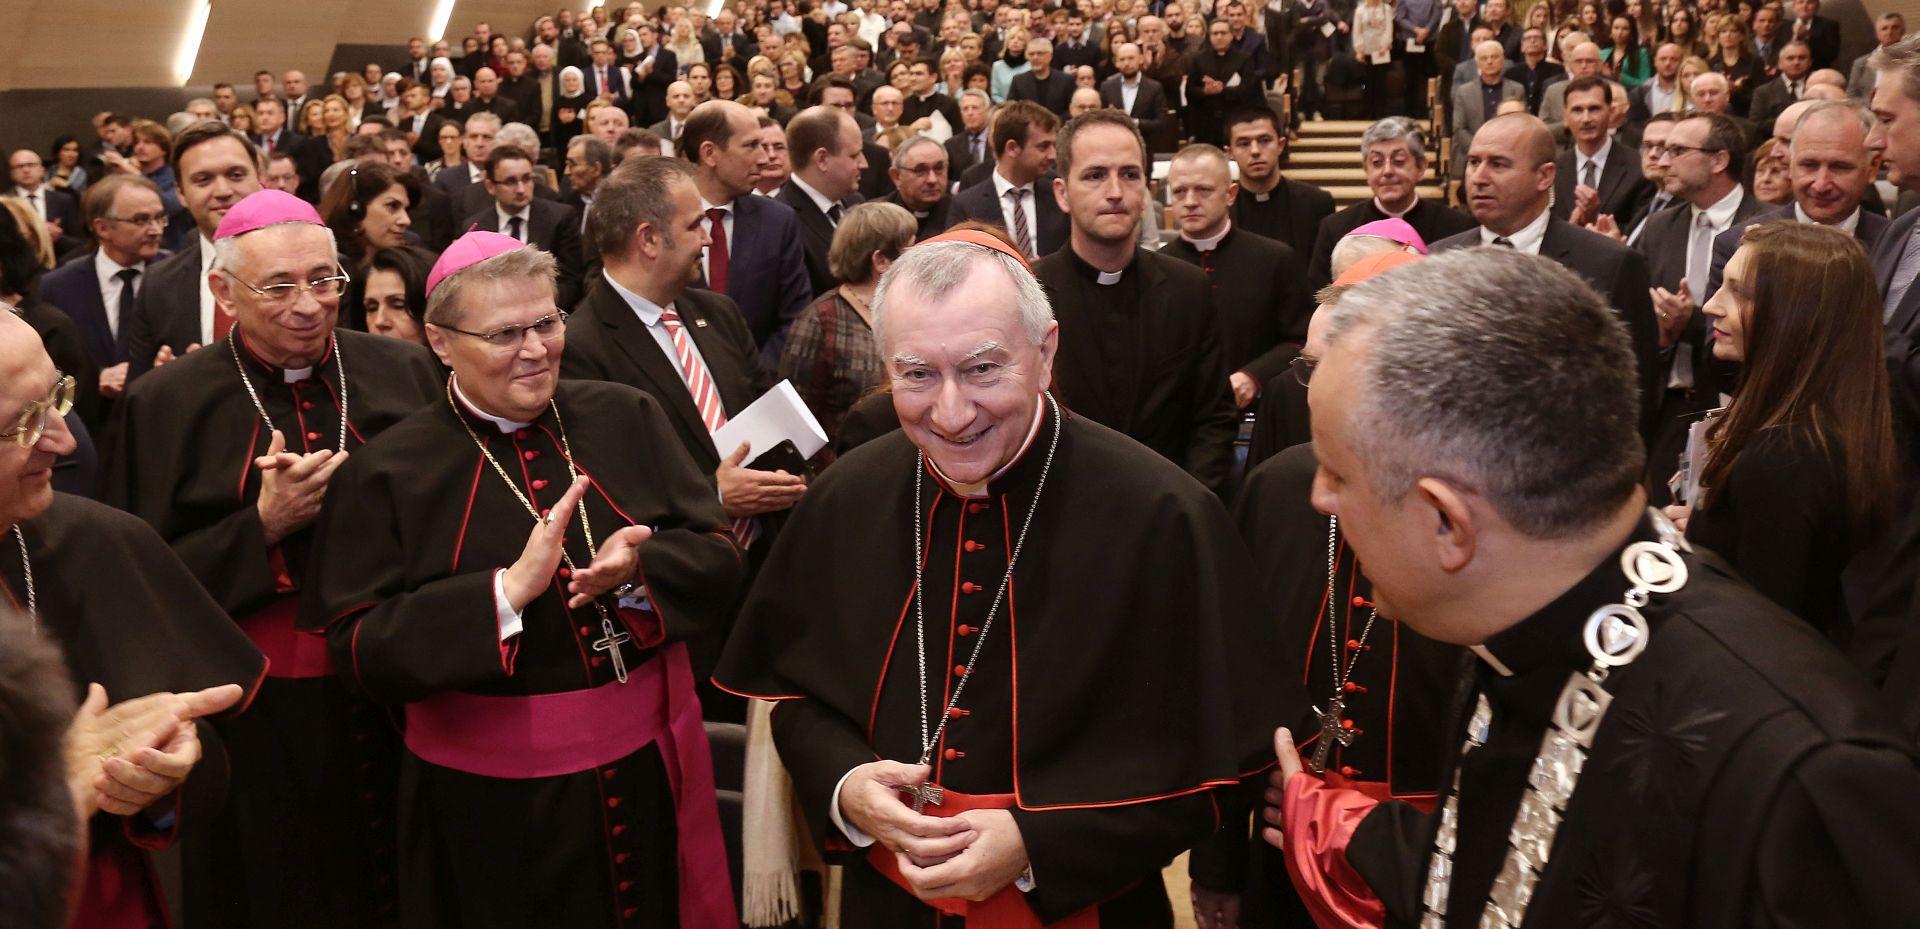 PIETRO PAROLIN (SVETA STOLICA): Ne vidim razloga za revizijom Vatikanskih ugovora, oni nisu izraz privilegija…